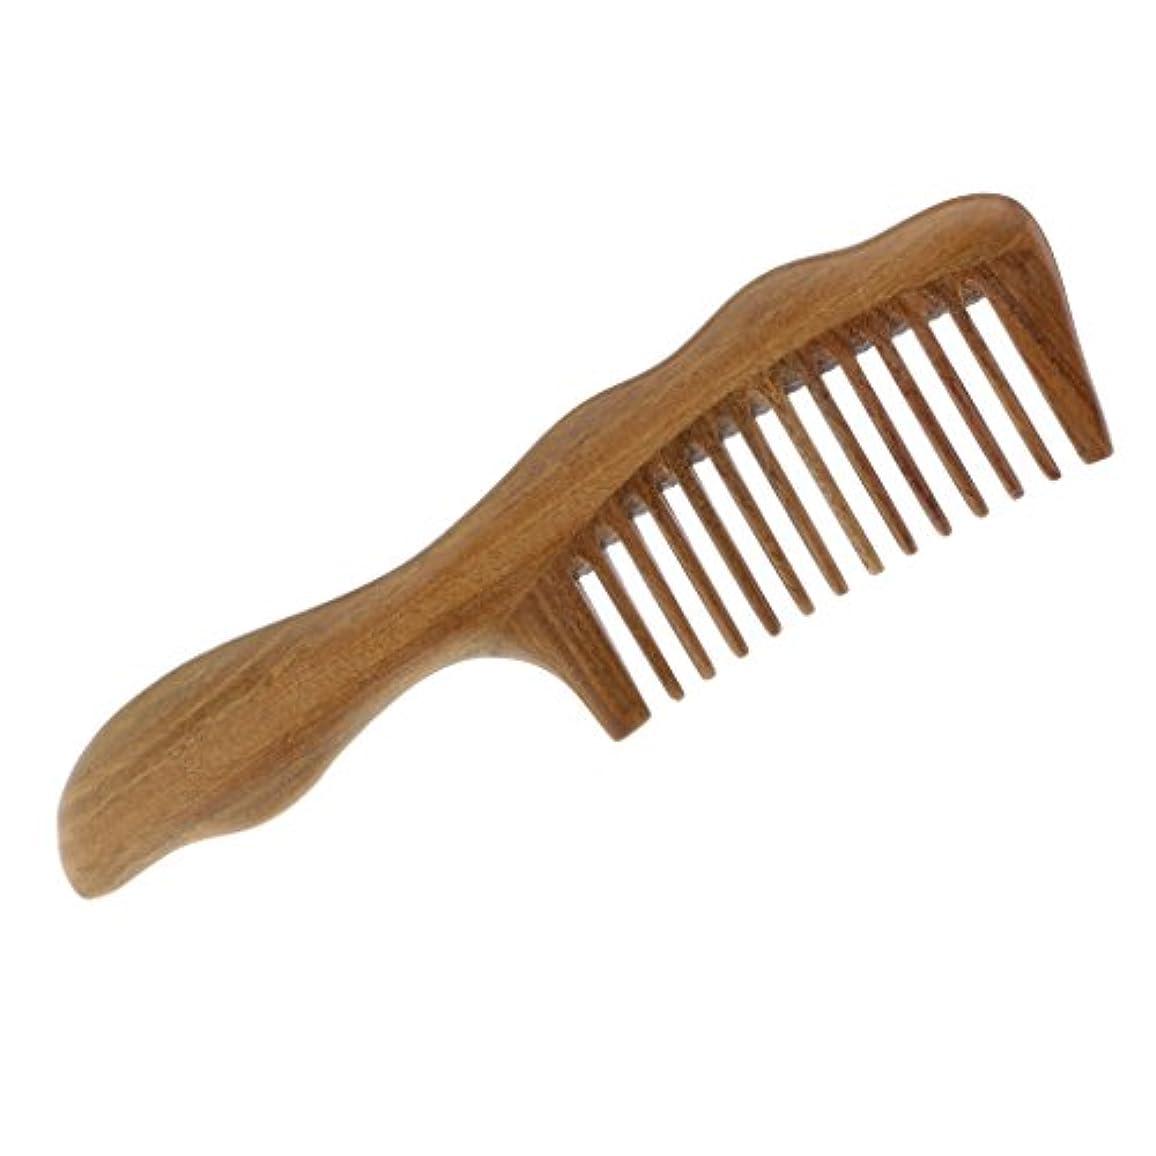 講師動員するファイルToygogo 広い歯の櫛の木製のもつれの櫛、木製の毛のブラシ/Sandalwoodの非静的な木の櫛